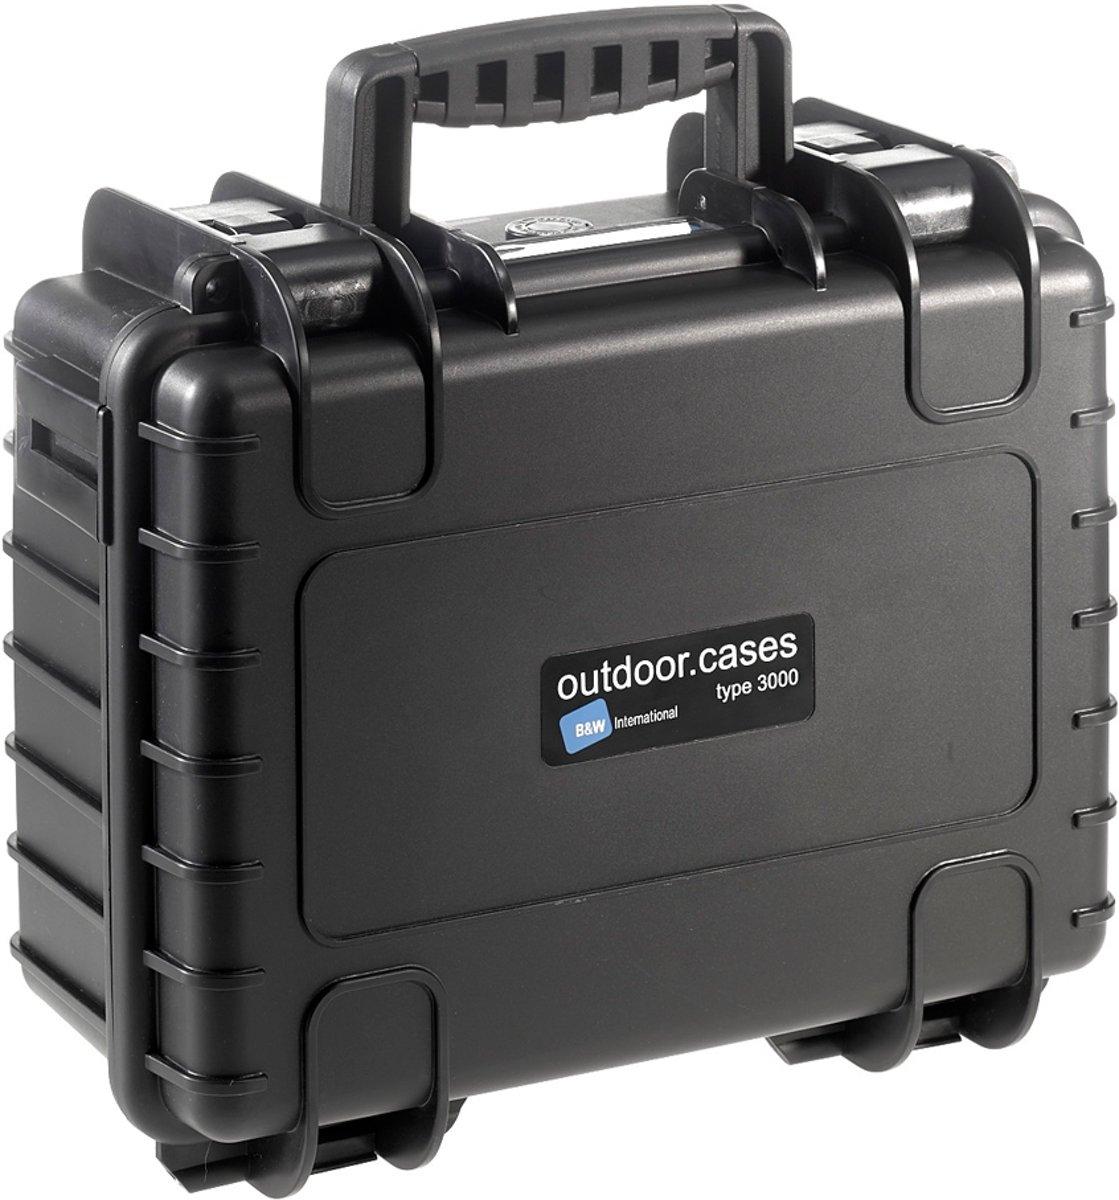 B&W Outdoor Case Type 3000 - Zwart met Vakverdeler